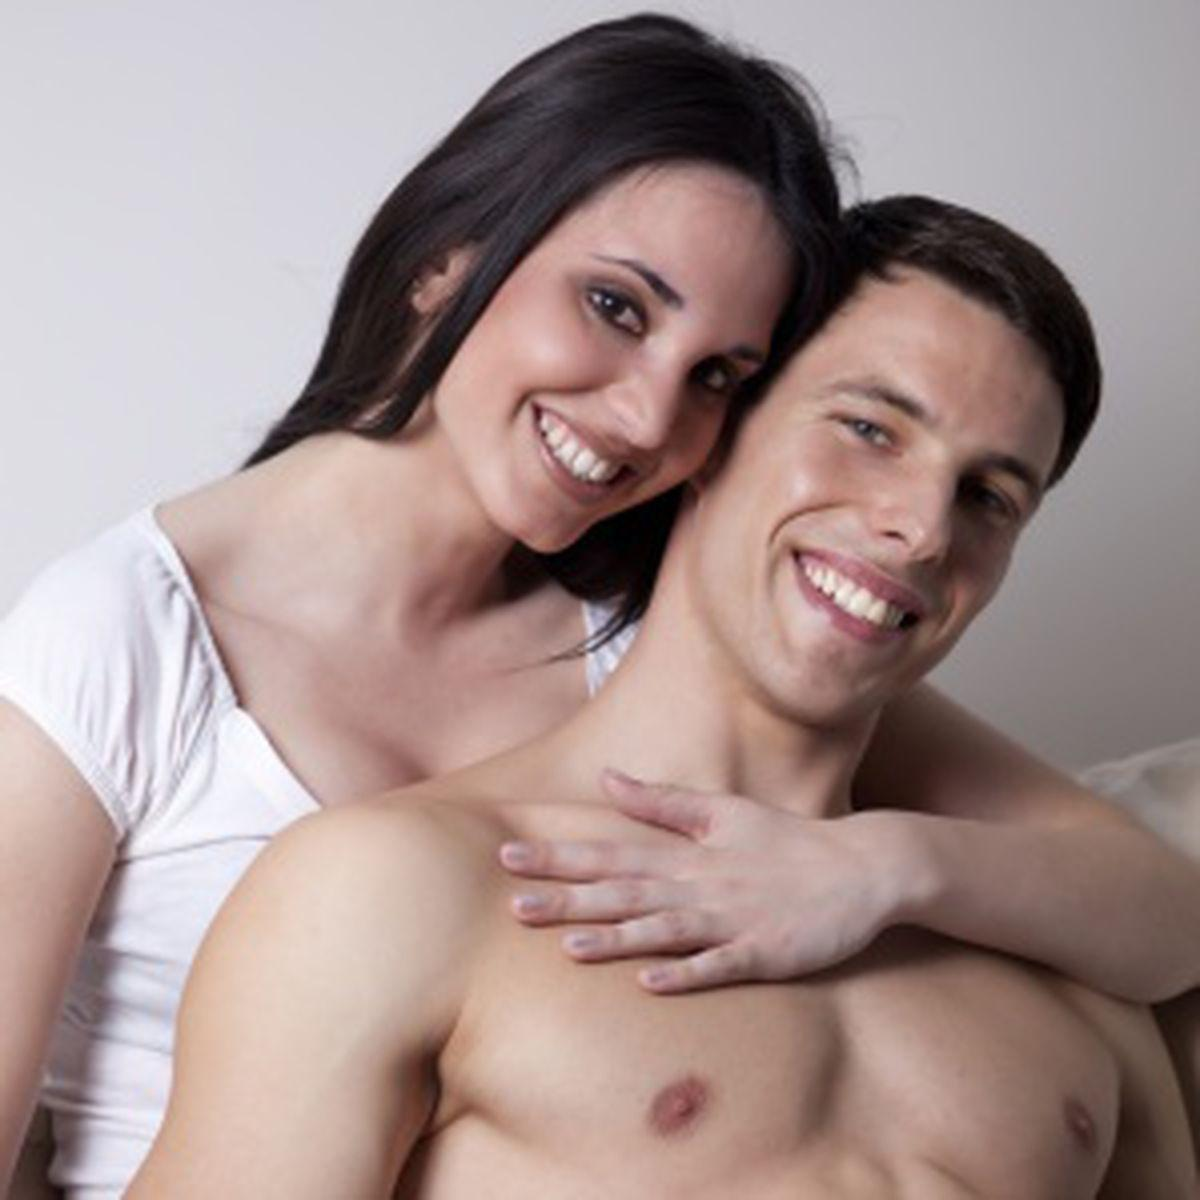 motivul unei erecții rapide la un bărbat erecția cade ajută